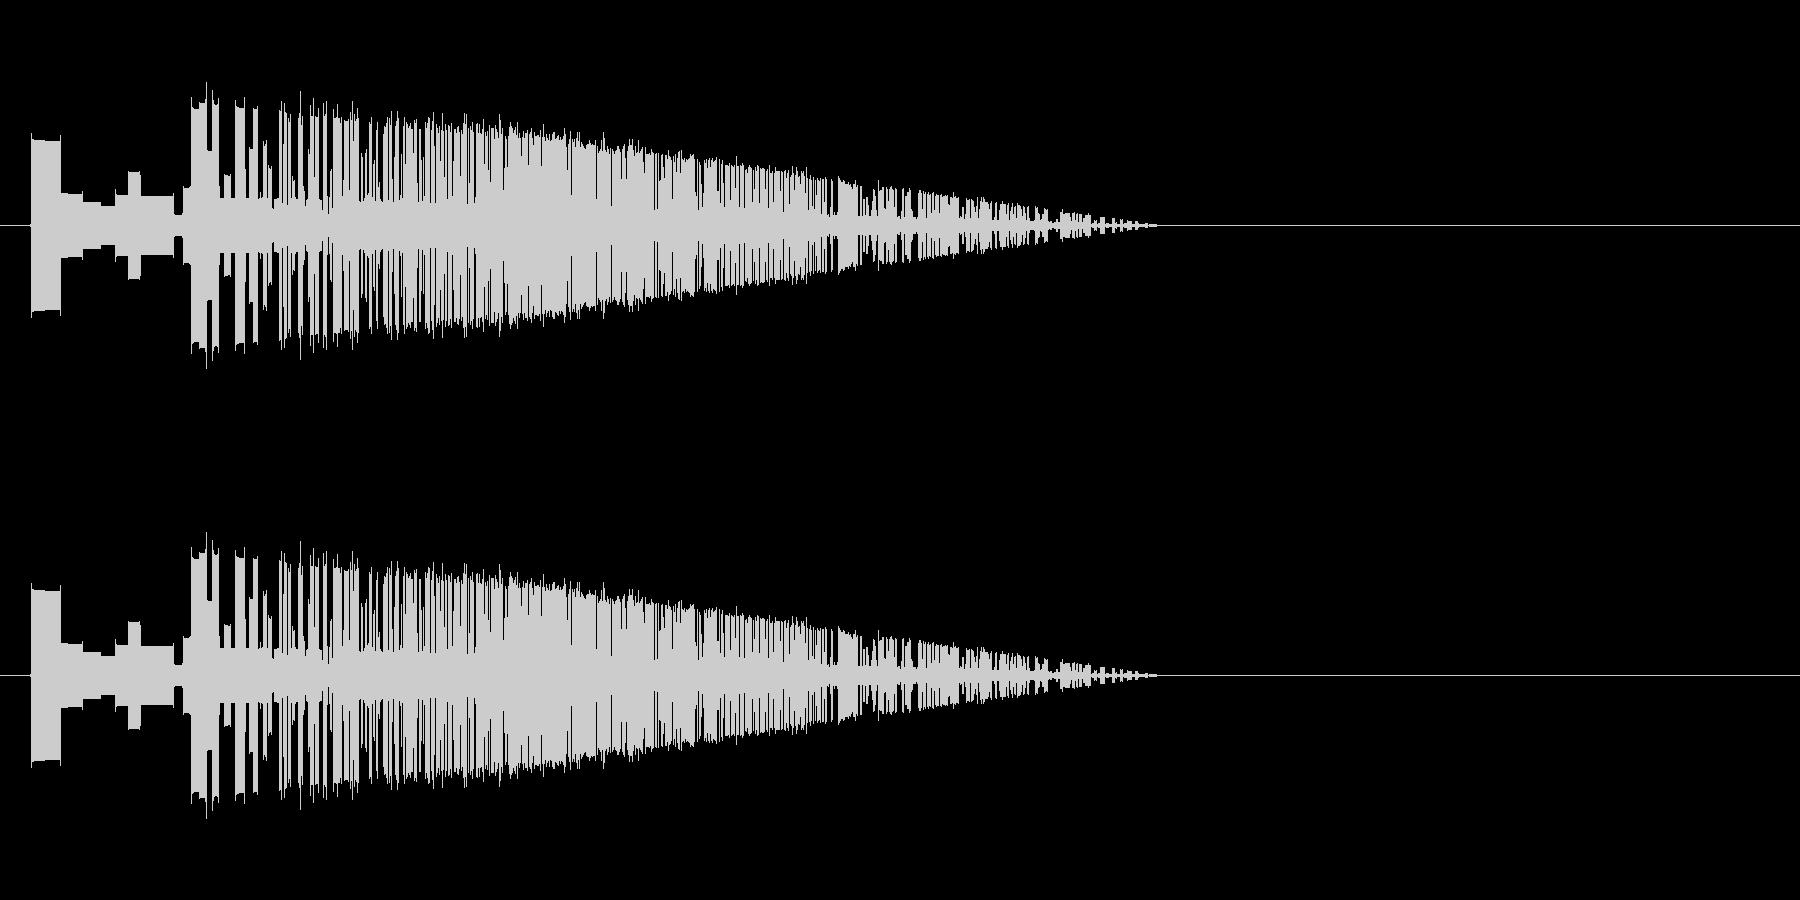 レトロゲーム風斬撃2の未再生の波形